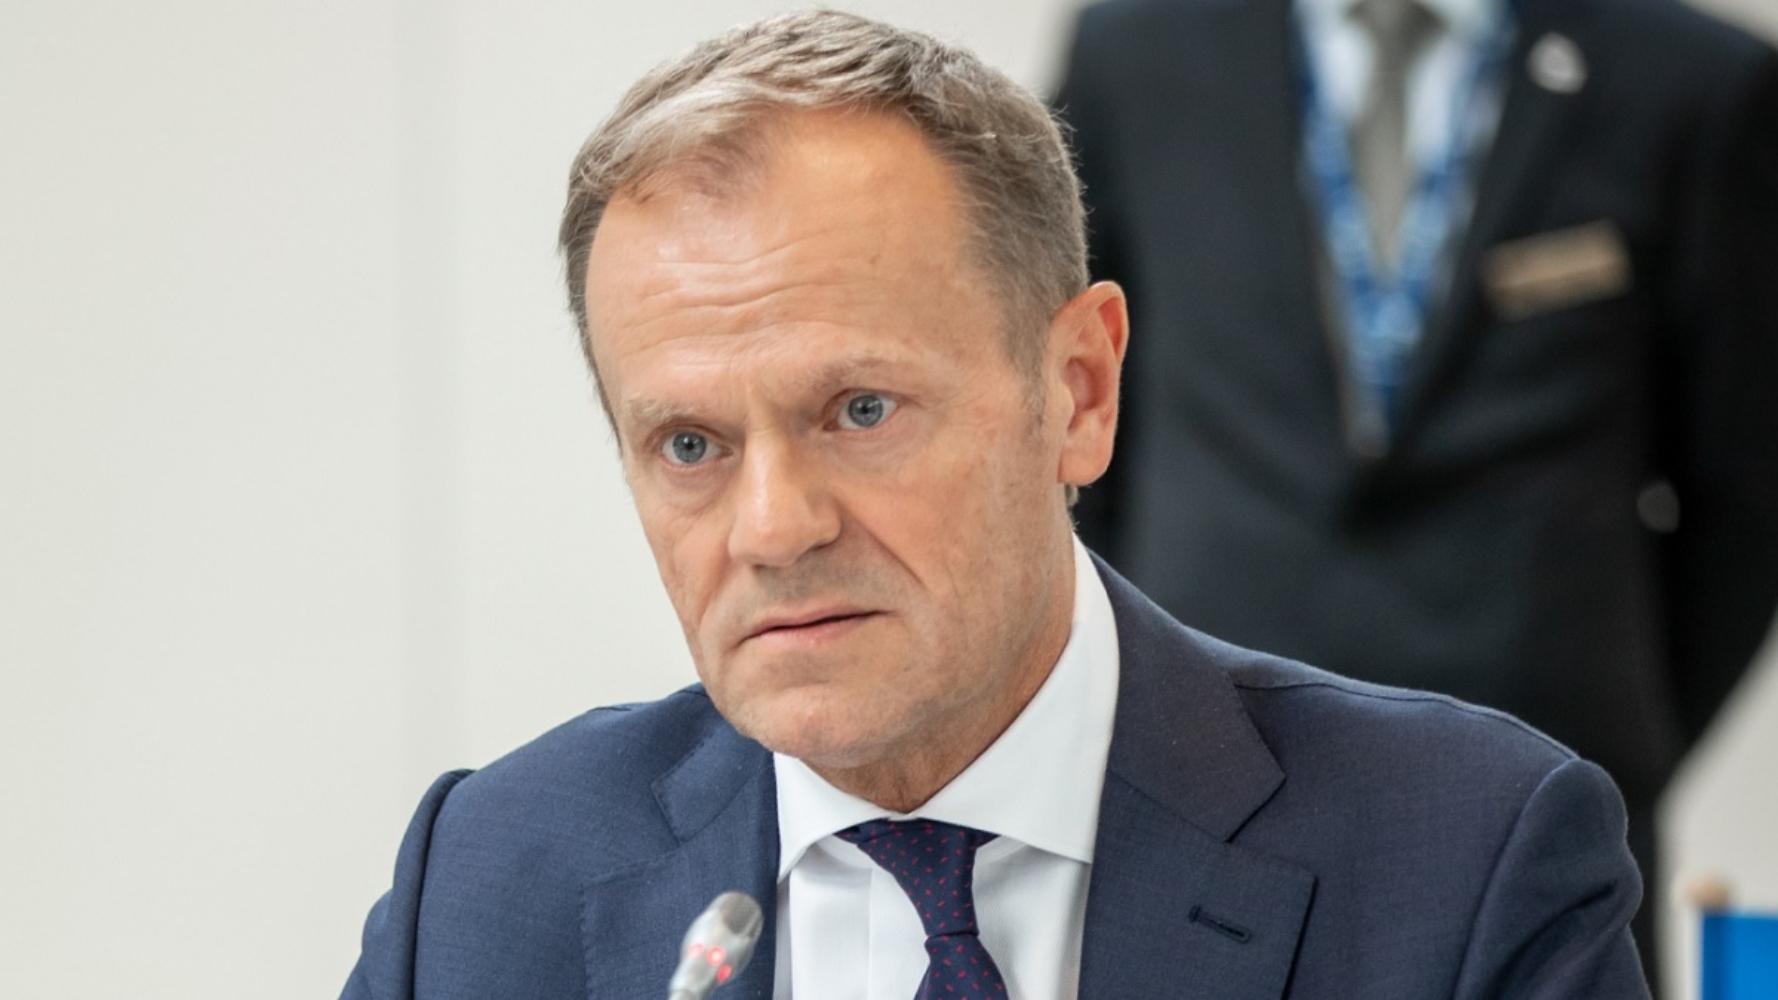 W PO gorąco. Tusk chce pozbawić władzy Halickiego za wywiad sprzed 11 lat